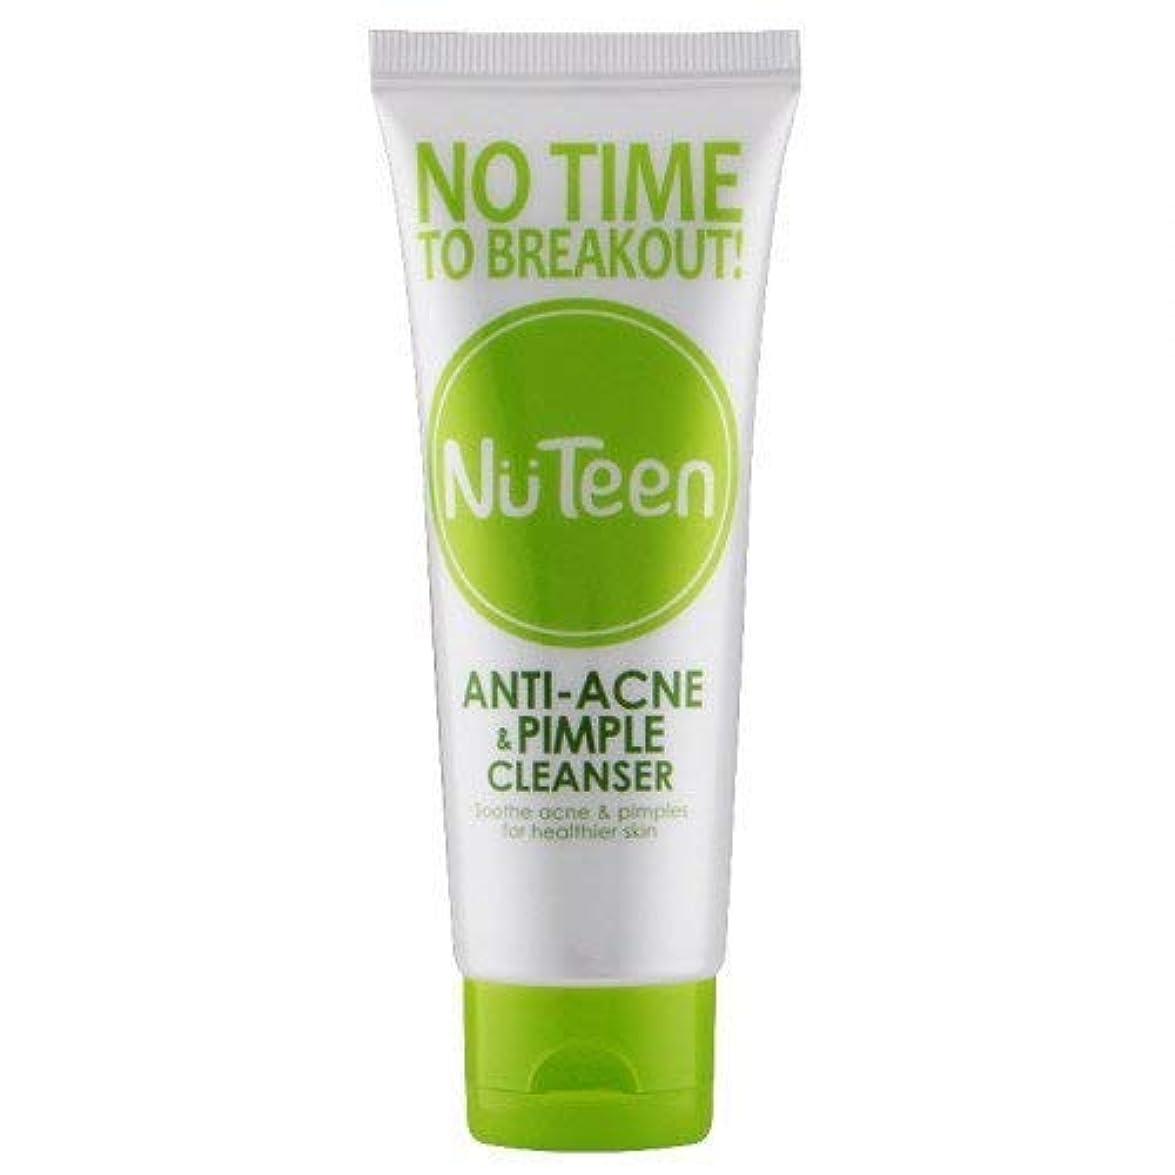 区失望汚物Nuteen 抗ニキビや吹き出物洗顔料は優しく効果的にきれい100g-乾燥せずに余分な油や汚れを取り除きます